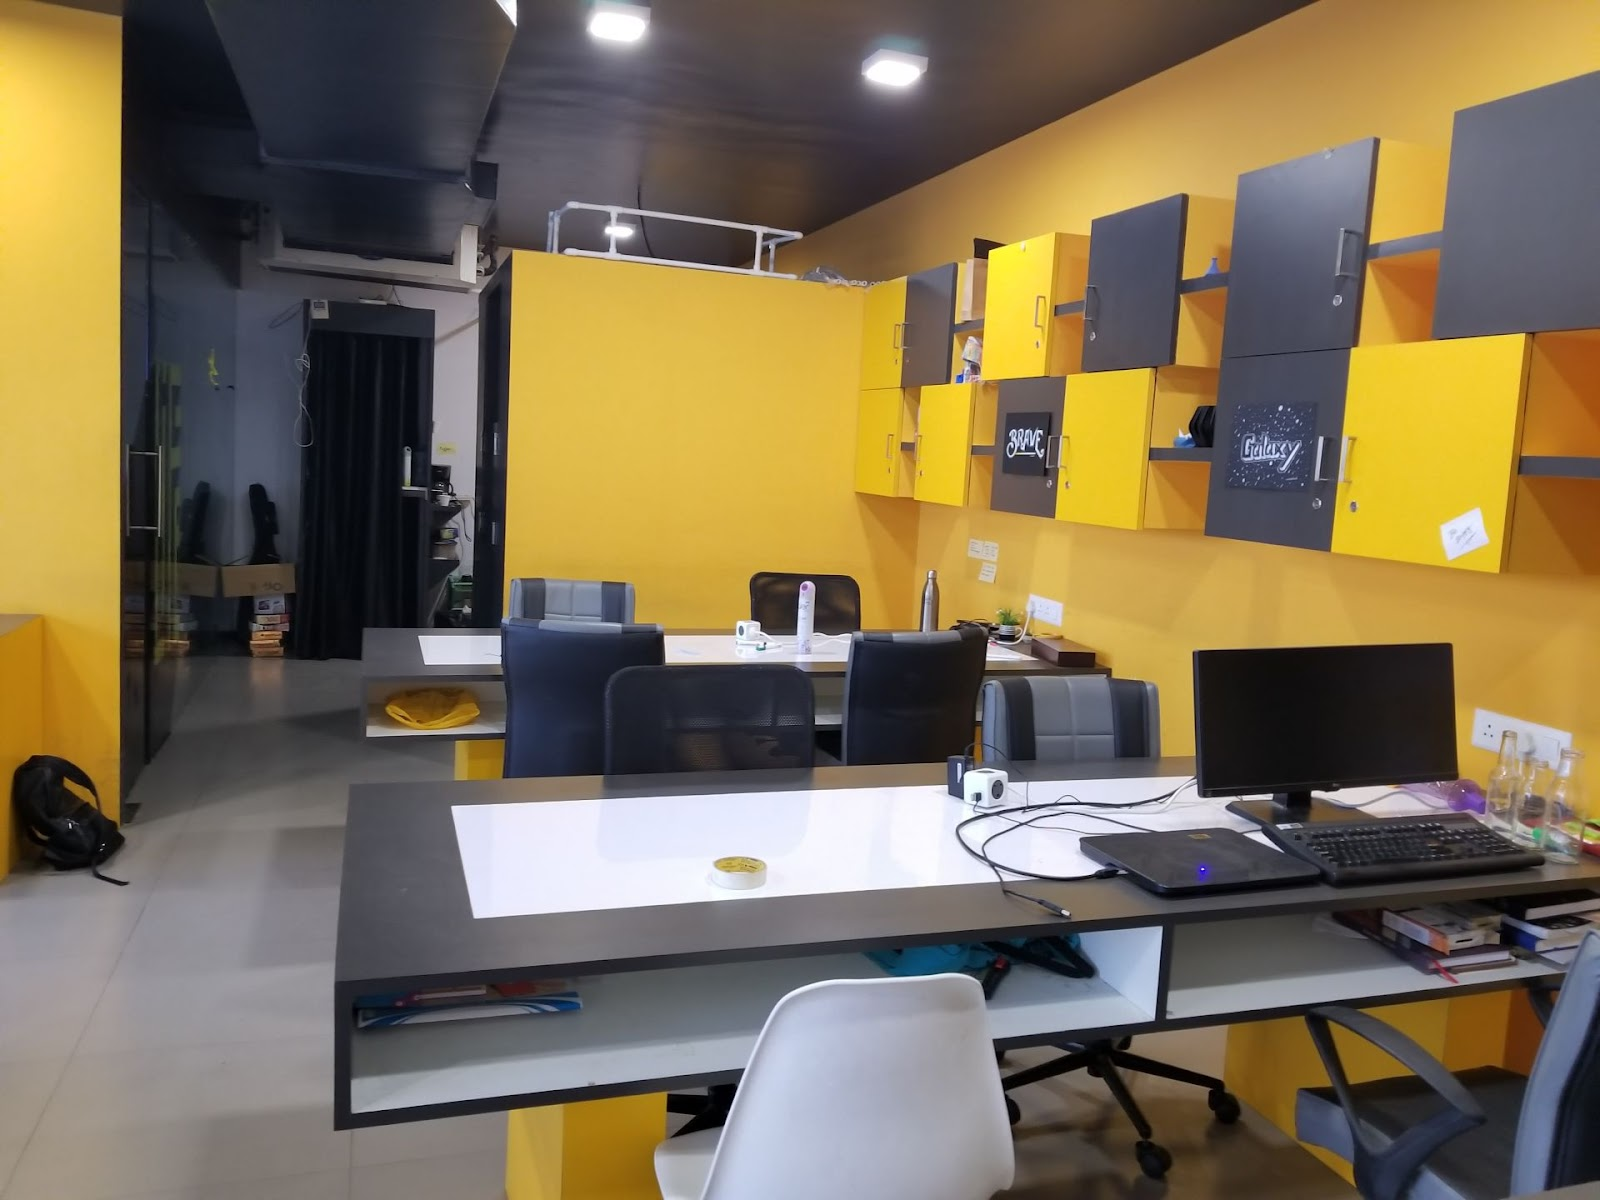 SPACEPLEXX Coworking space in surat